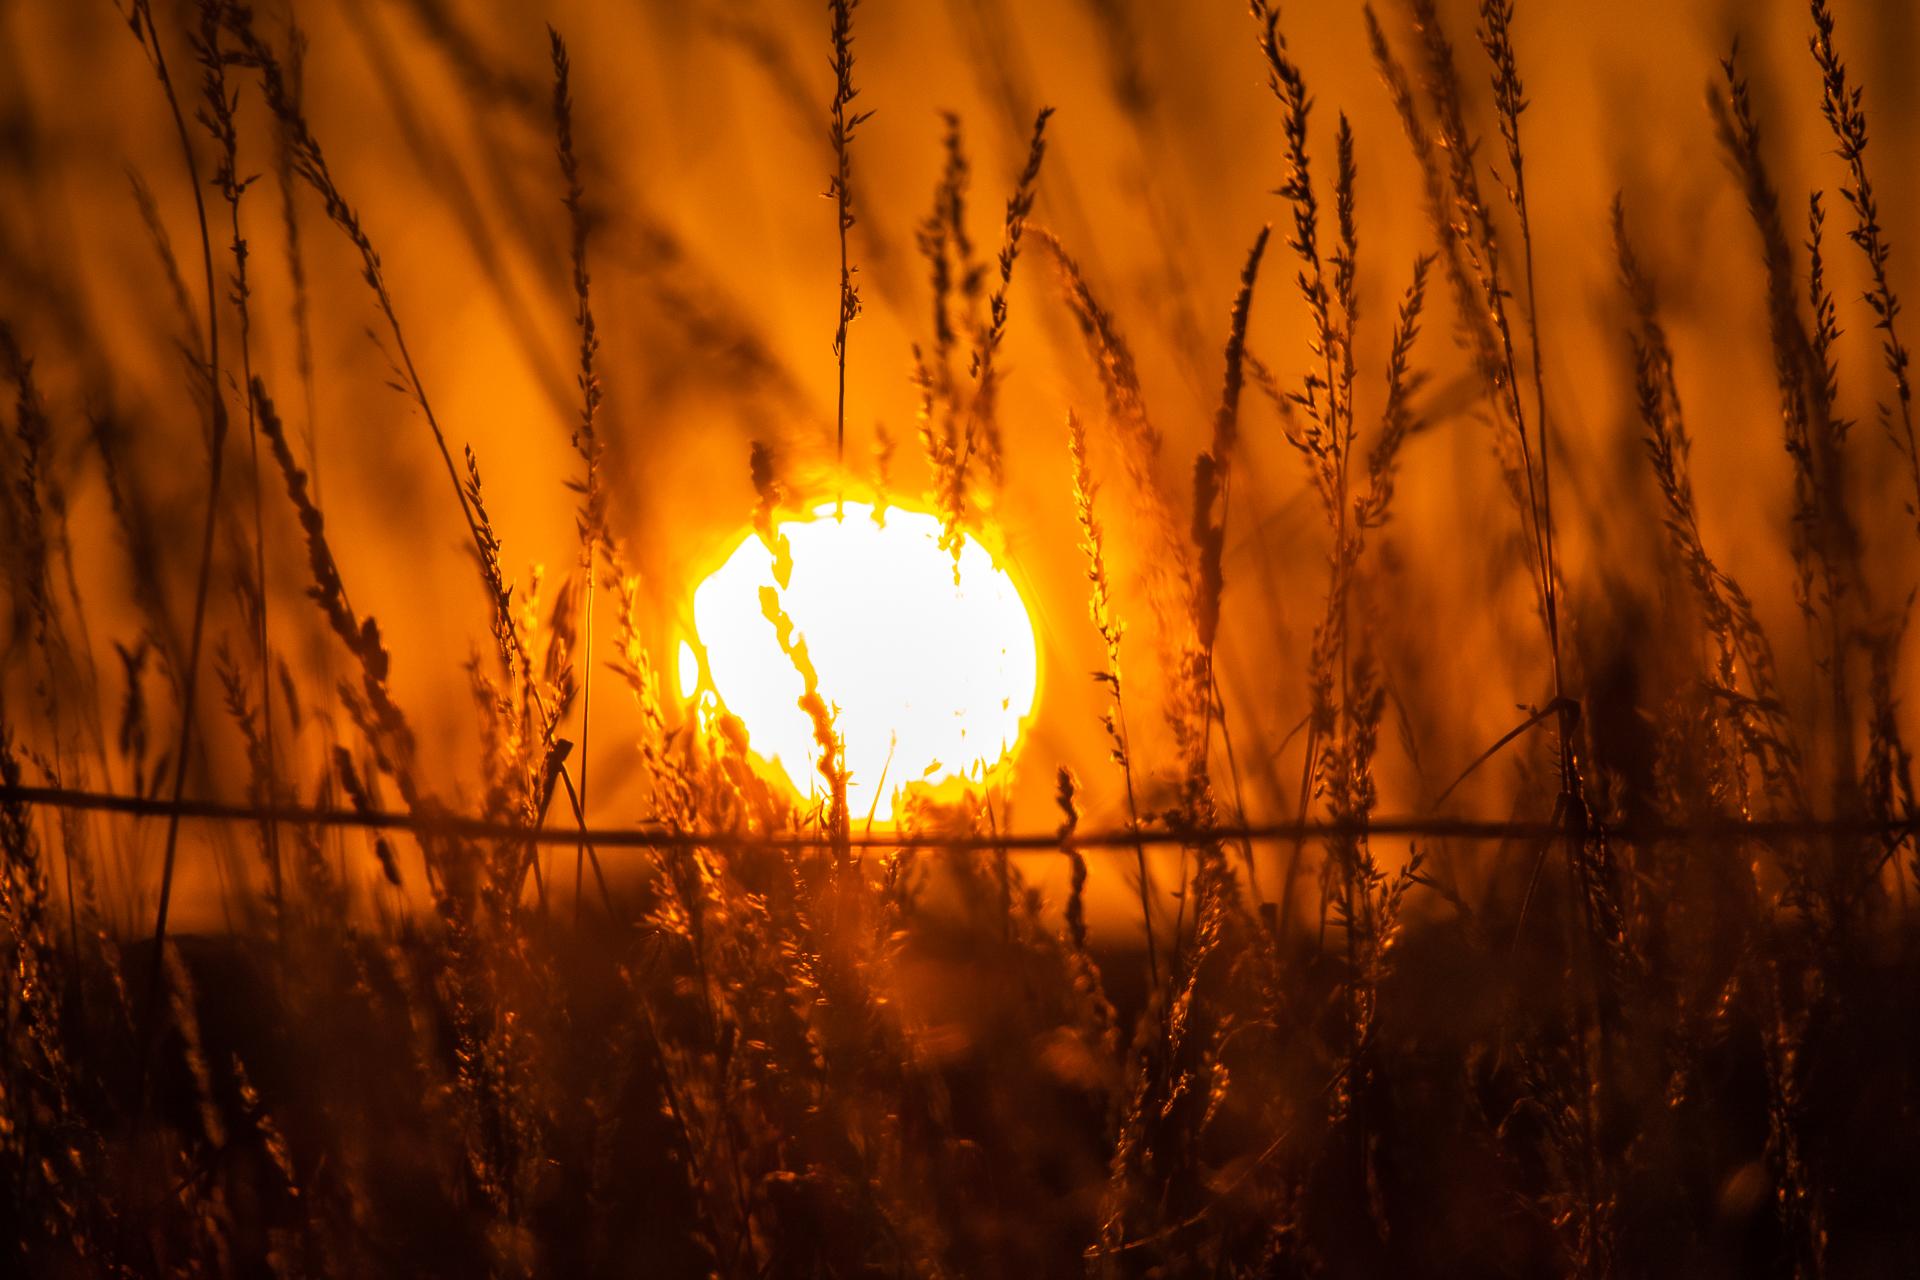 gleißender Sonnenball, optische Illusion, scheint auf einem Draht, der qquer im Vordergrund gespannt ist, zu balancieren.